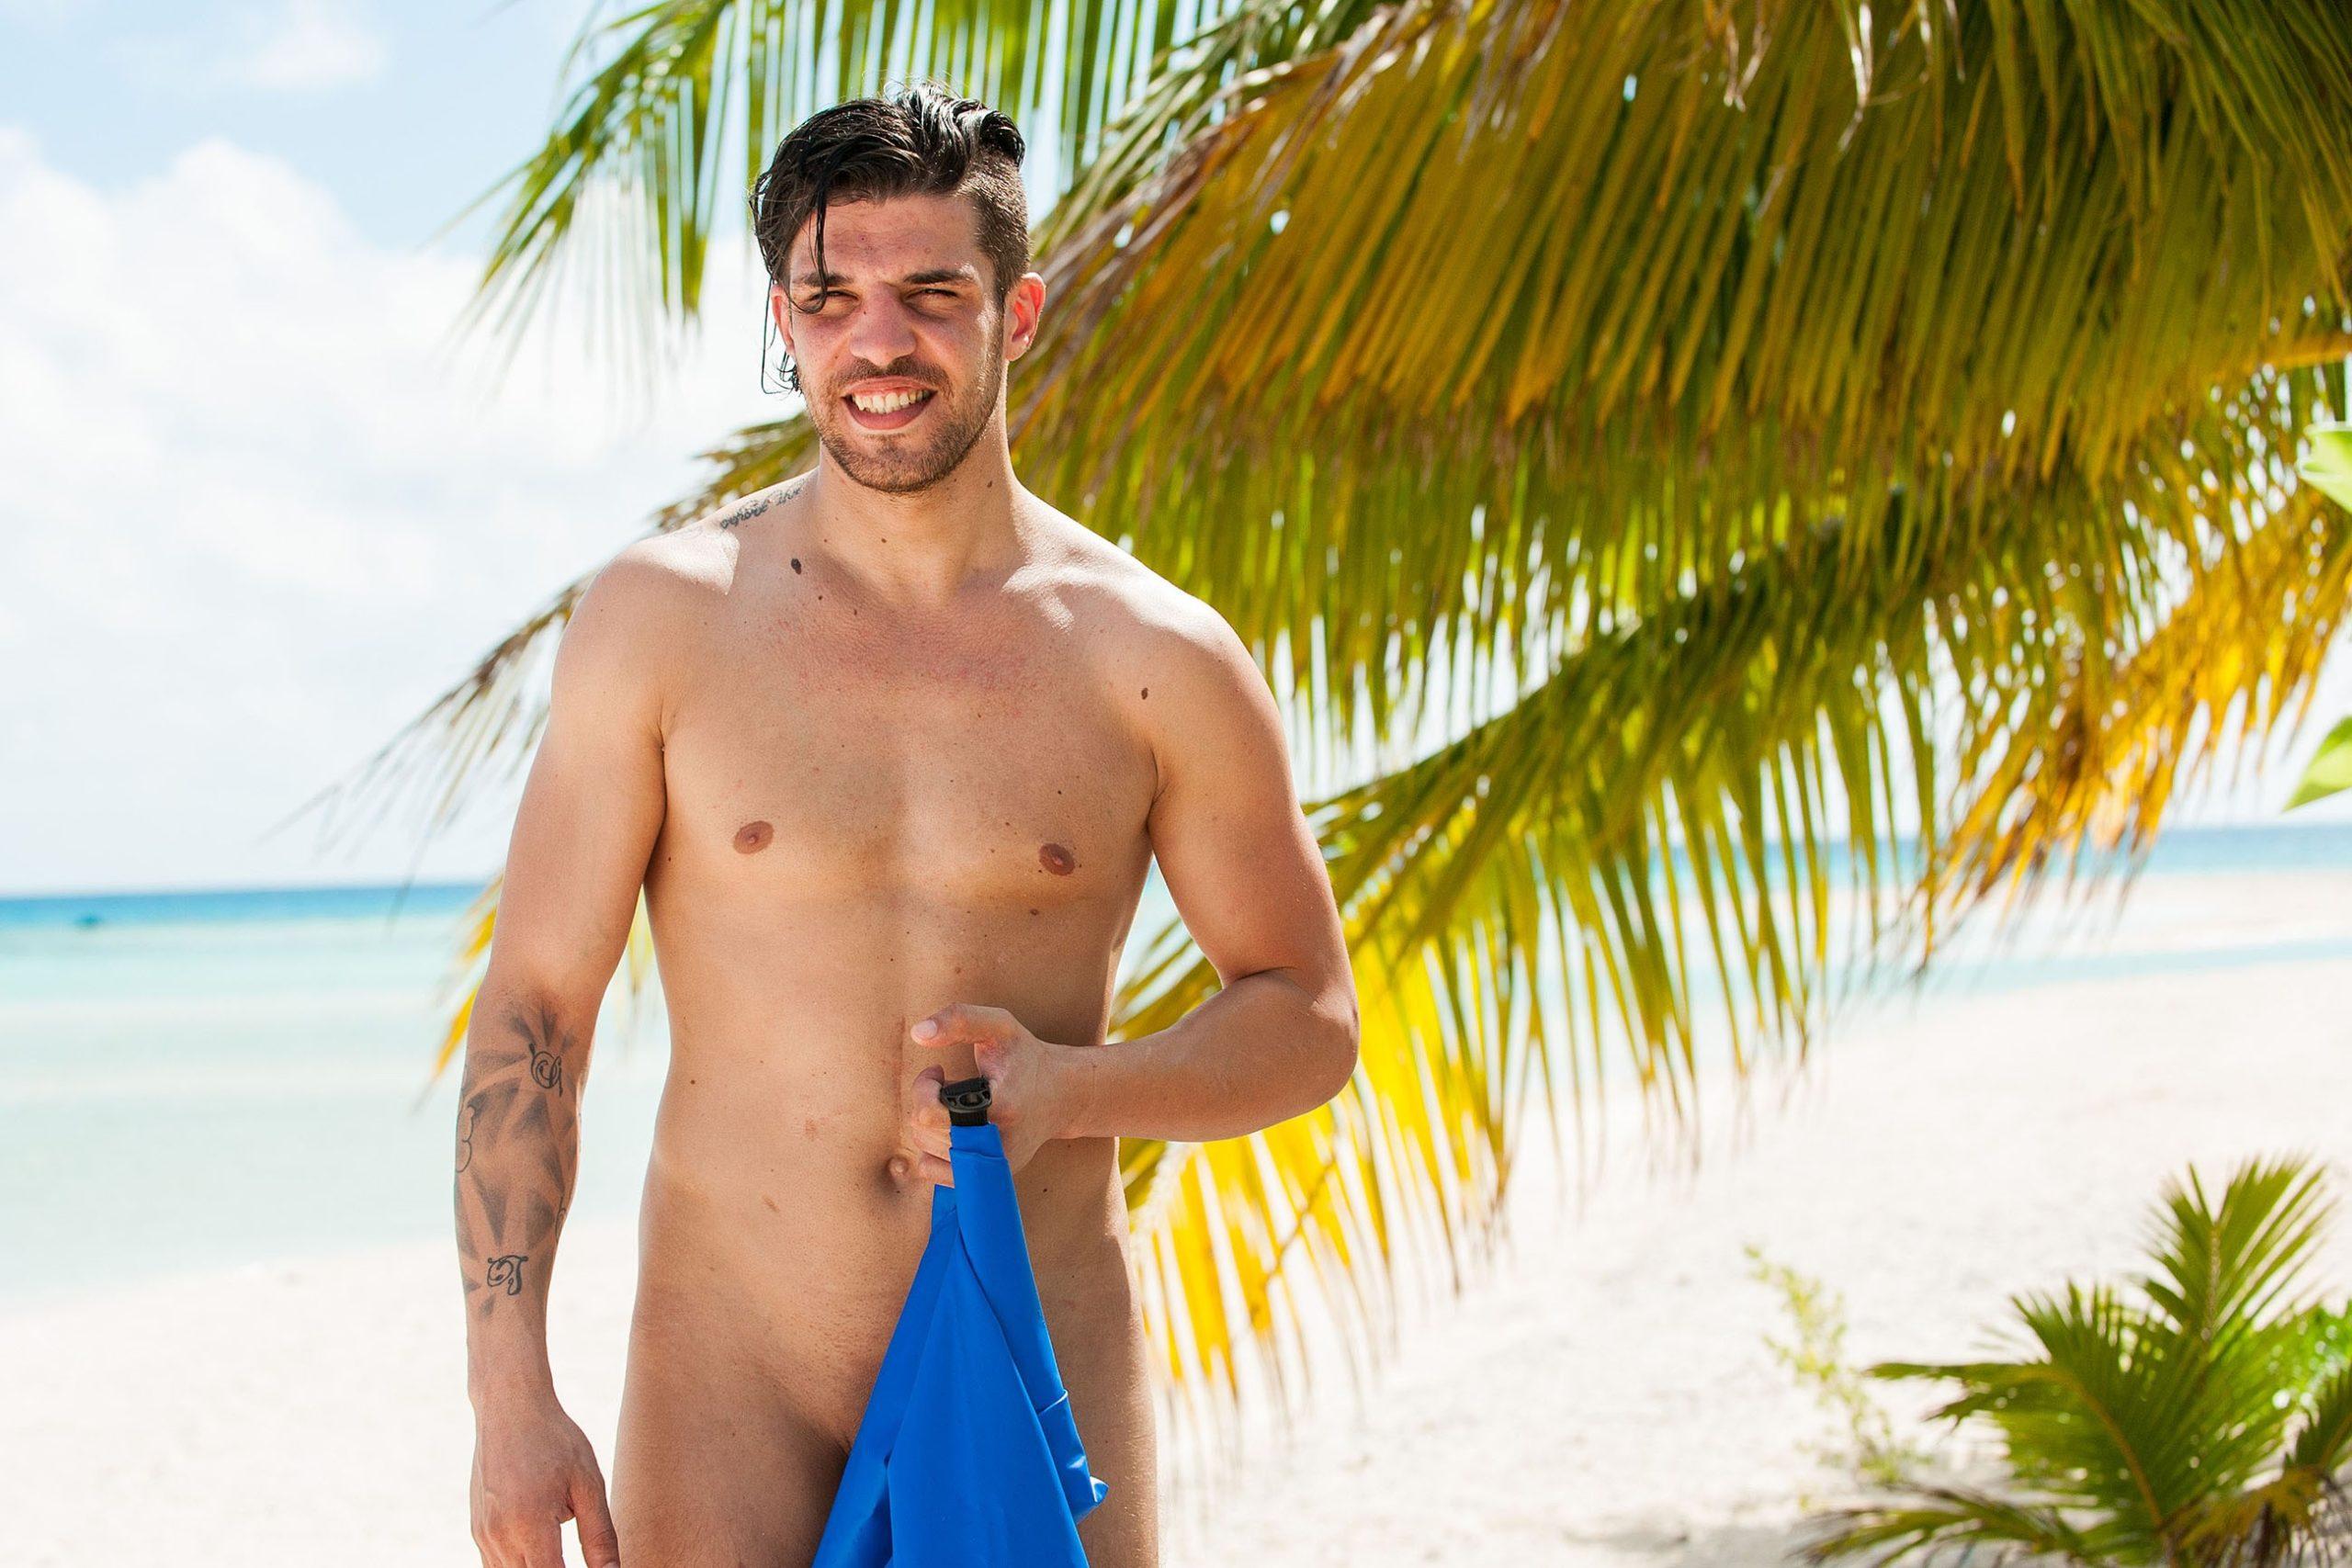 Janni hönscheid nackt playboy